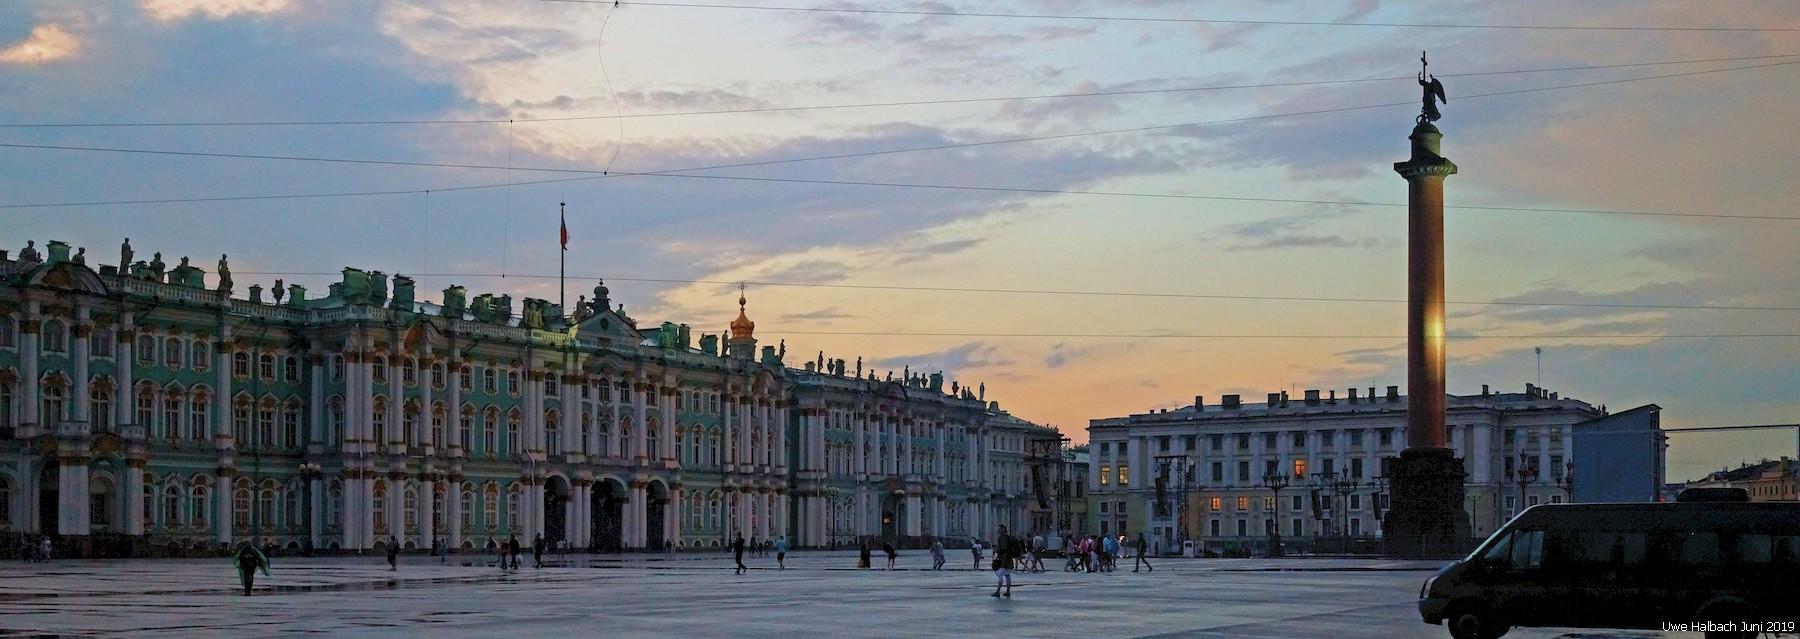 03-Petersburg-abends-1800